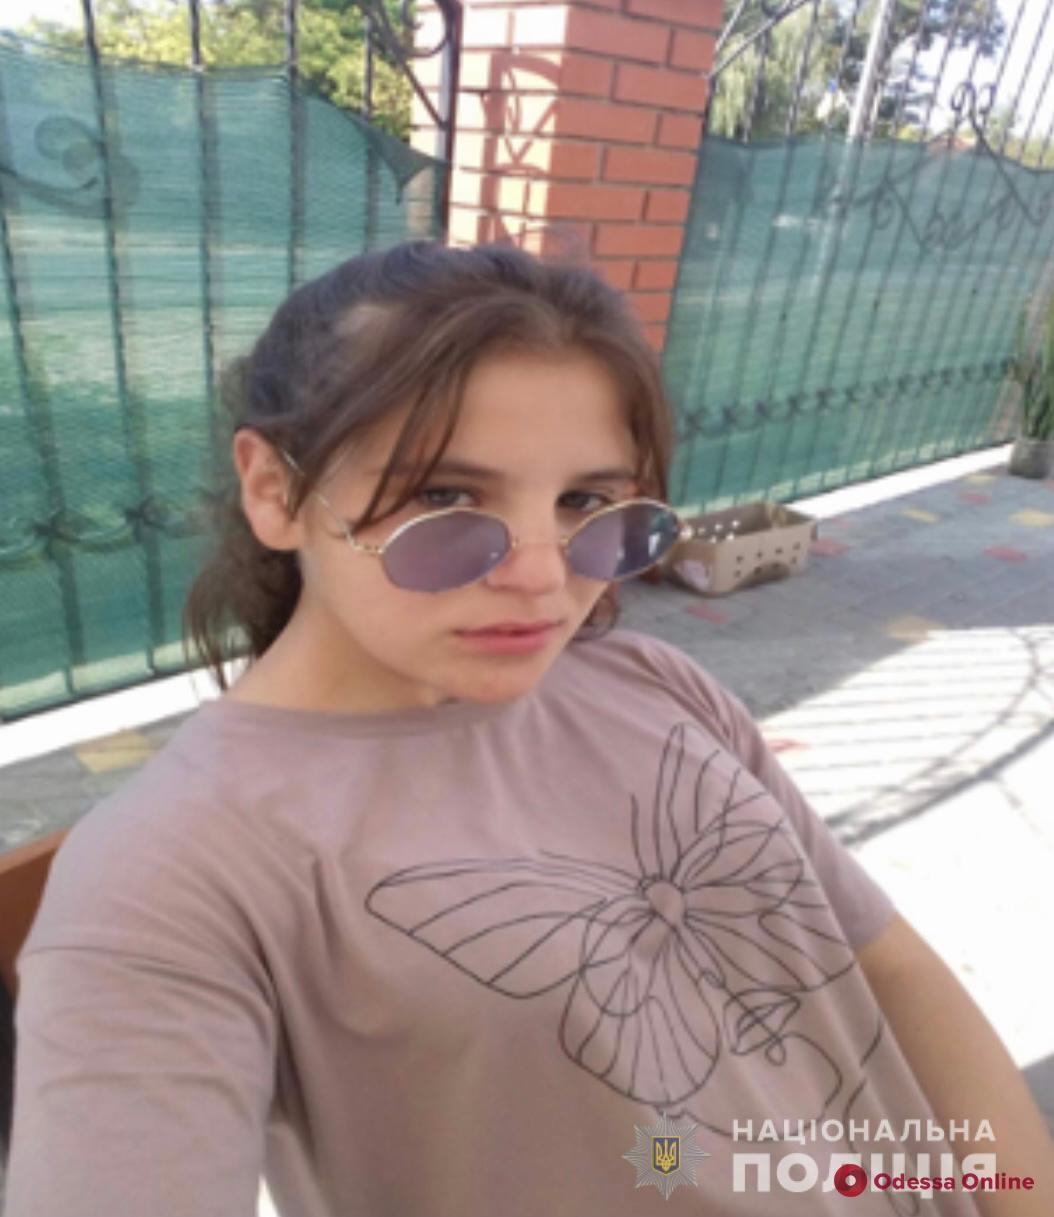 В Одесской области пропала 15-летняя девочка (обновлено)